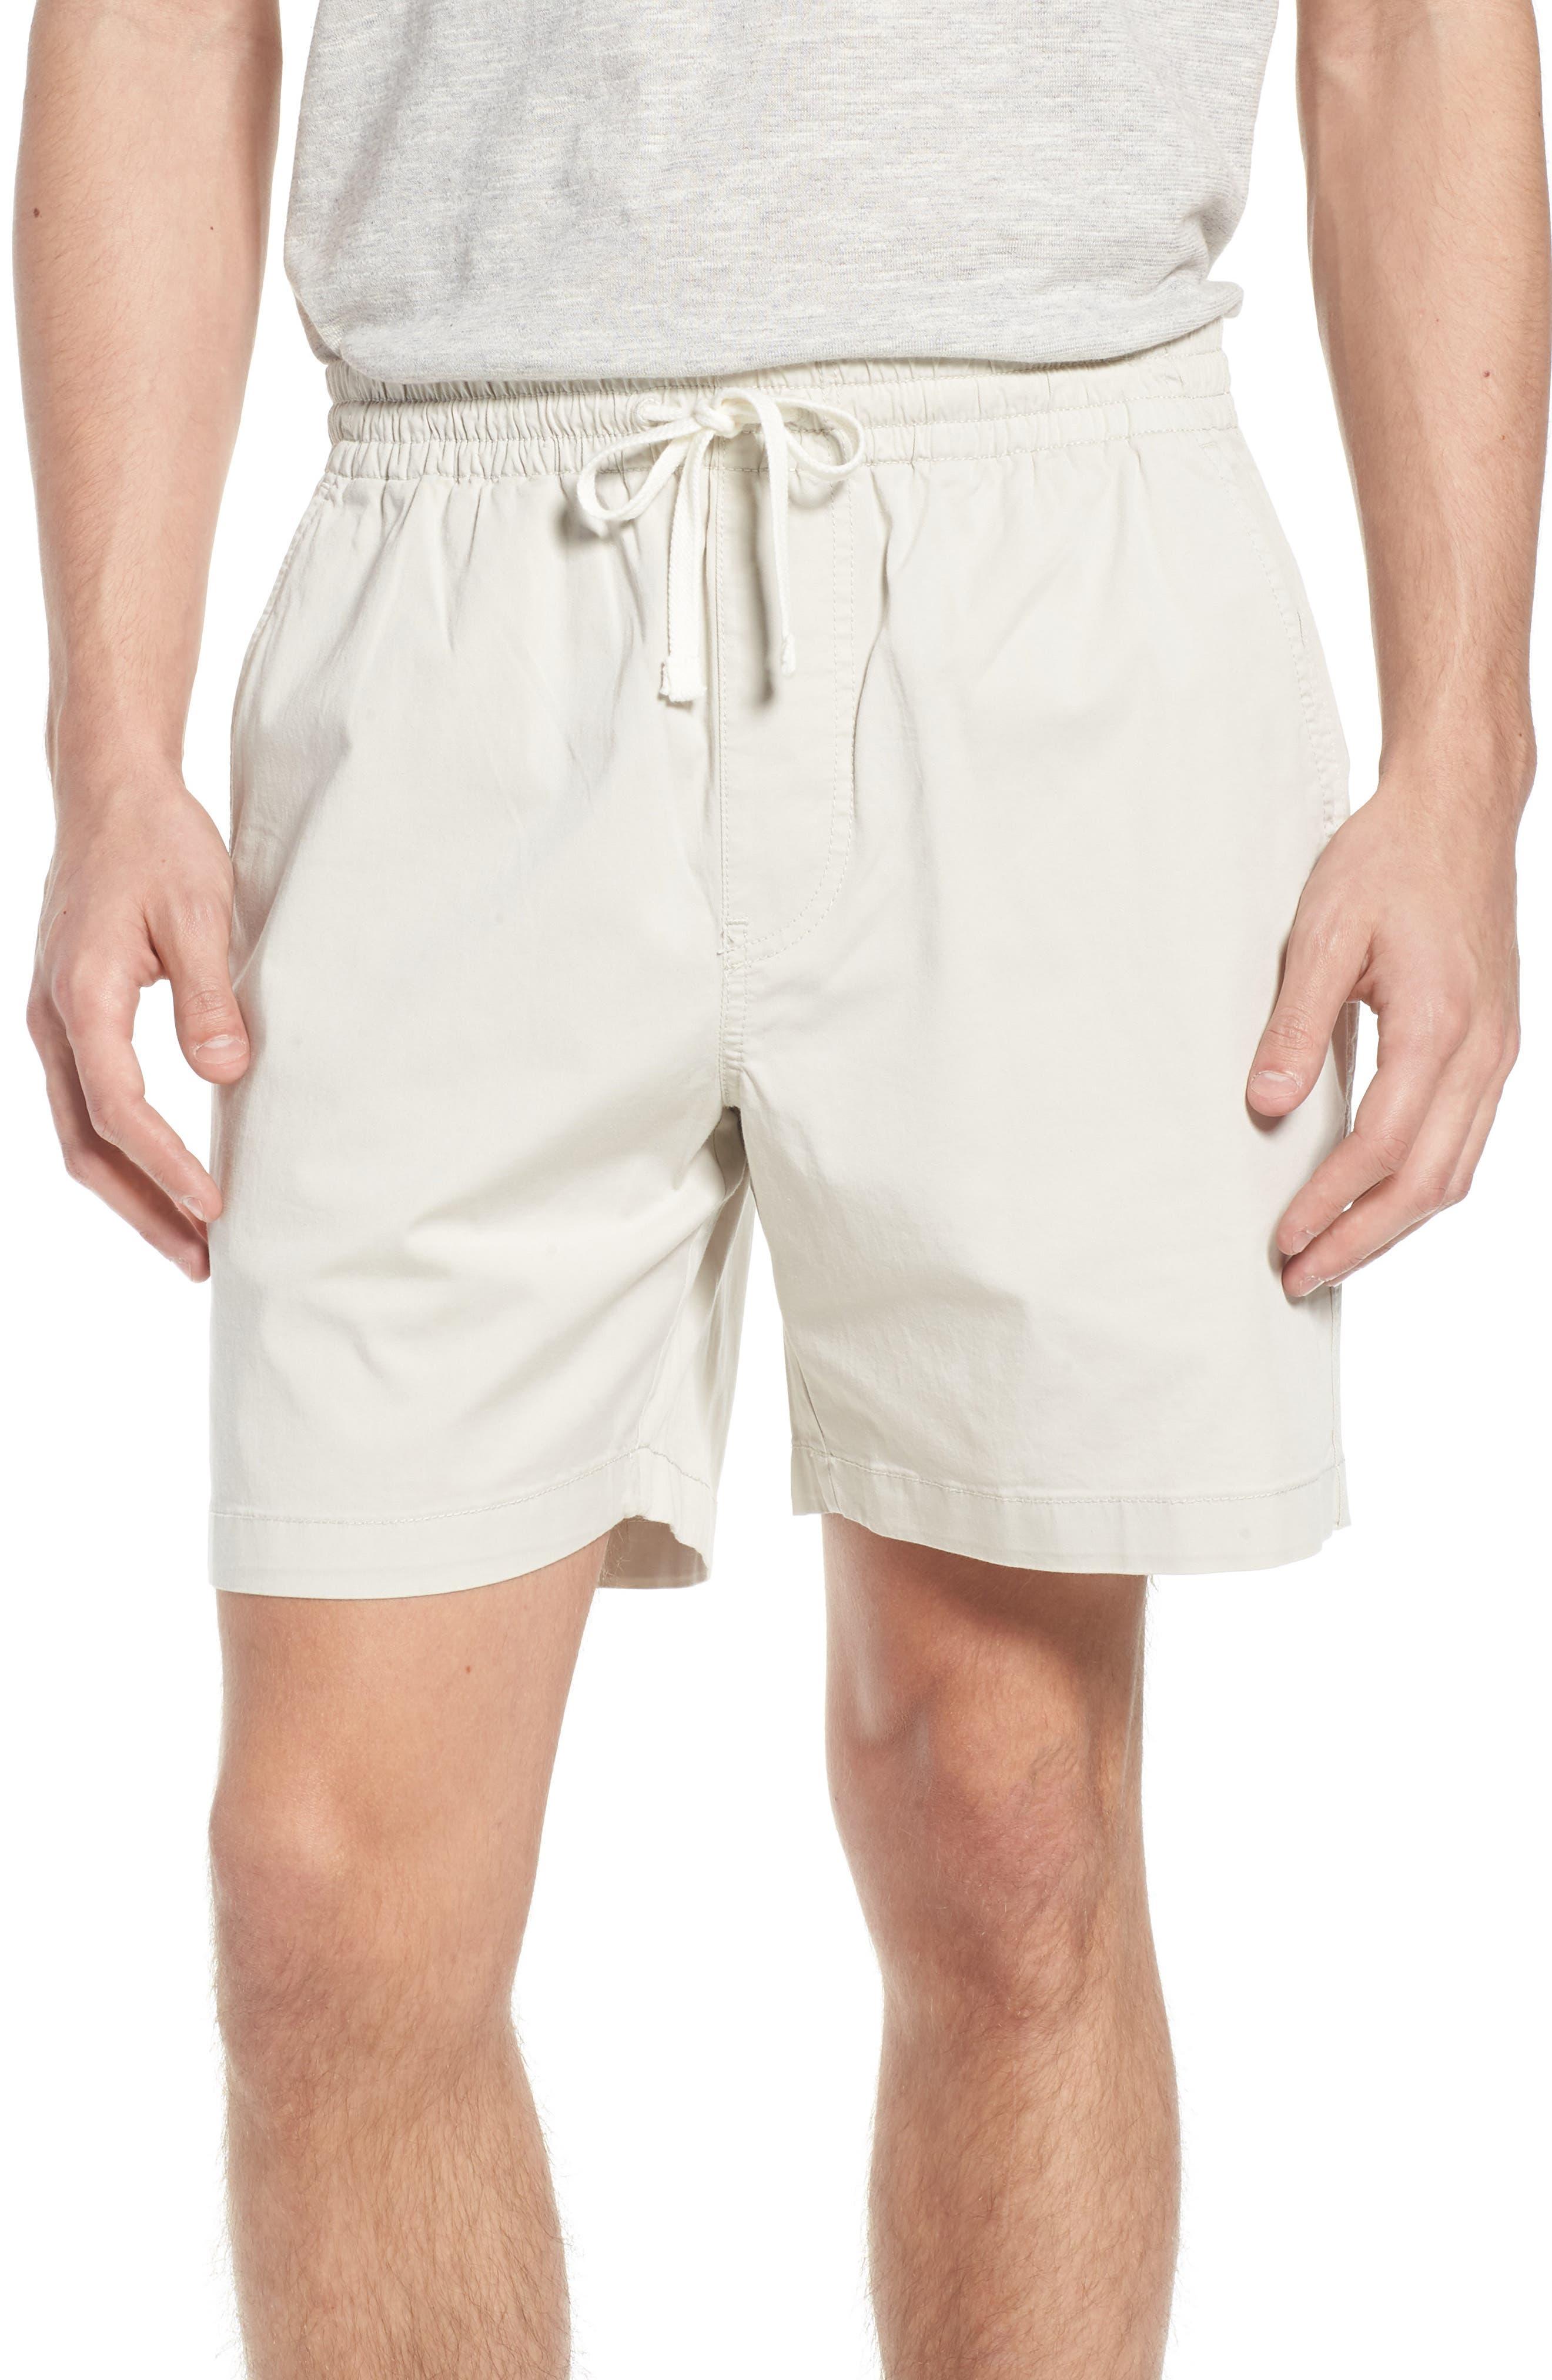 Stretch Chino Dock Shorts,                             Main thumbnail 1, color,                             020